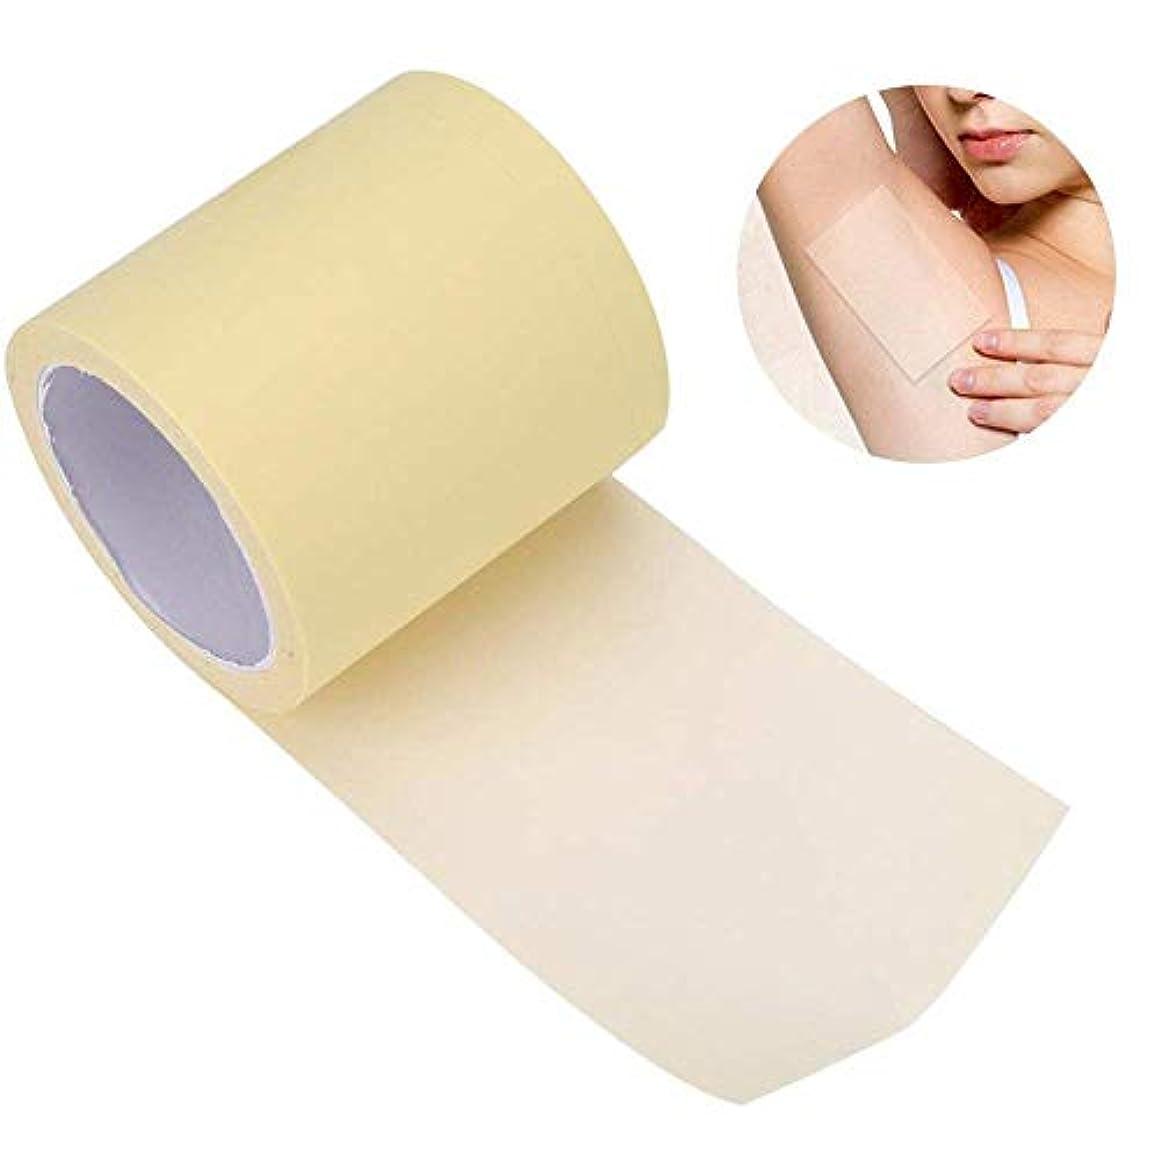 無一文コンピューターを使用する敬の念脇の下汗パッド 汗止めパッド 皮膚に優しい 脇の汗染み防止 抗菌加工 皮膚に優しい 男性/女性対応 透明 全長6m 脇の下